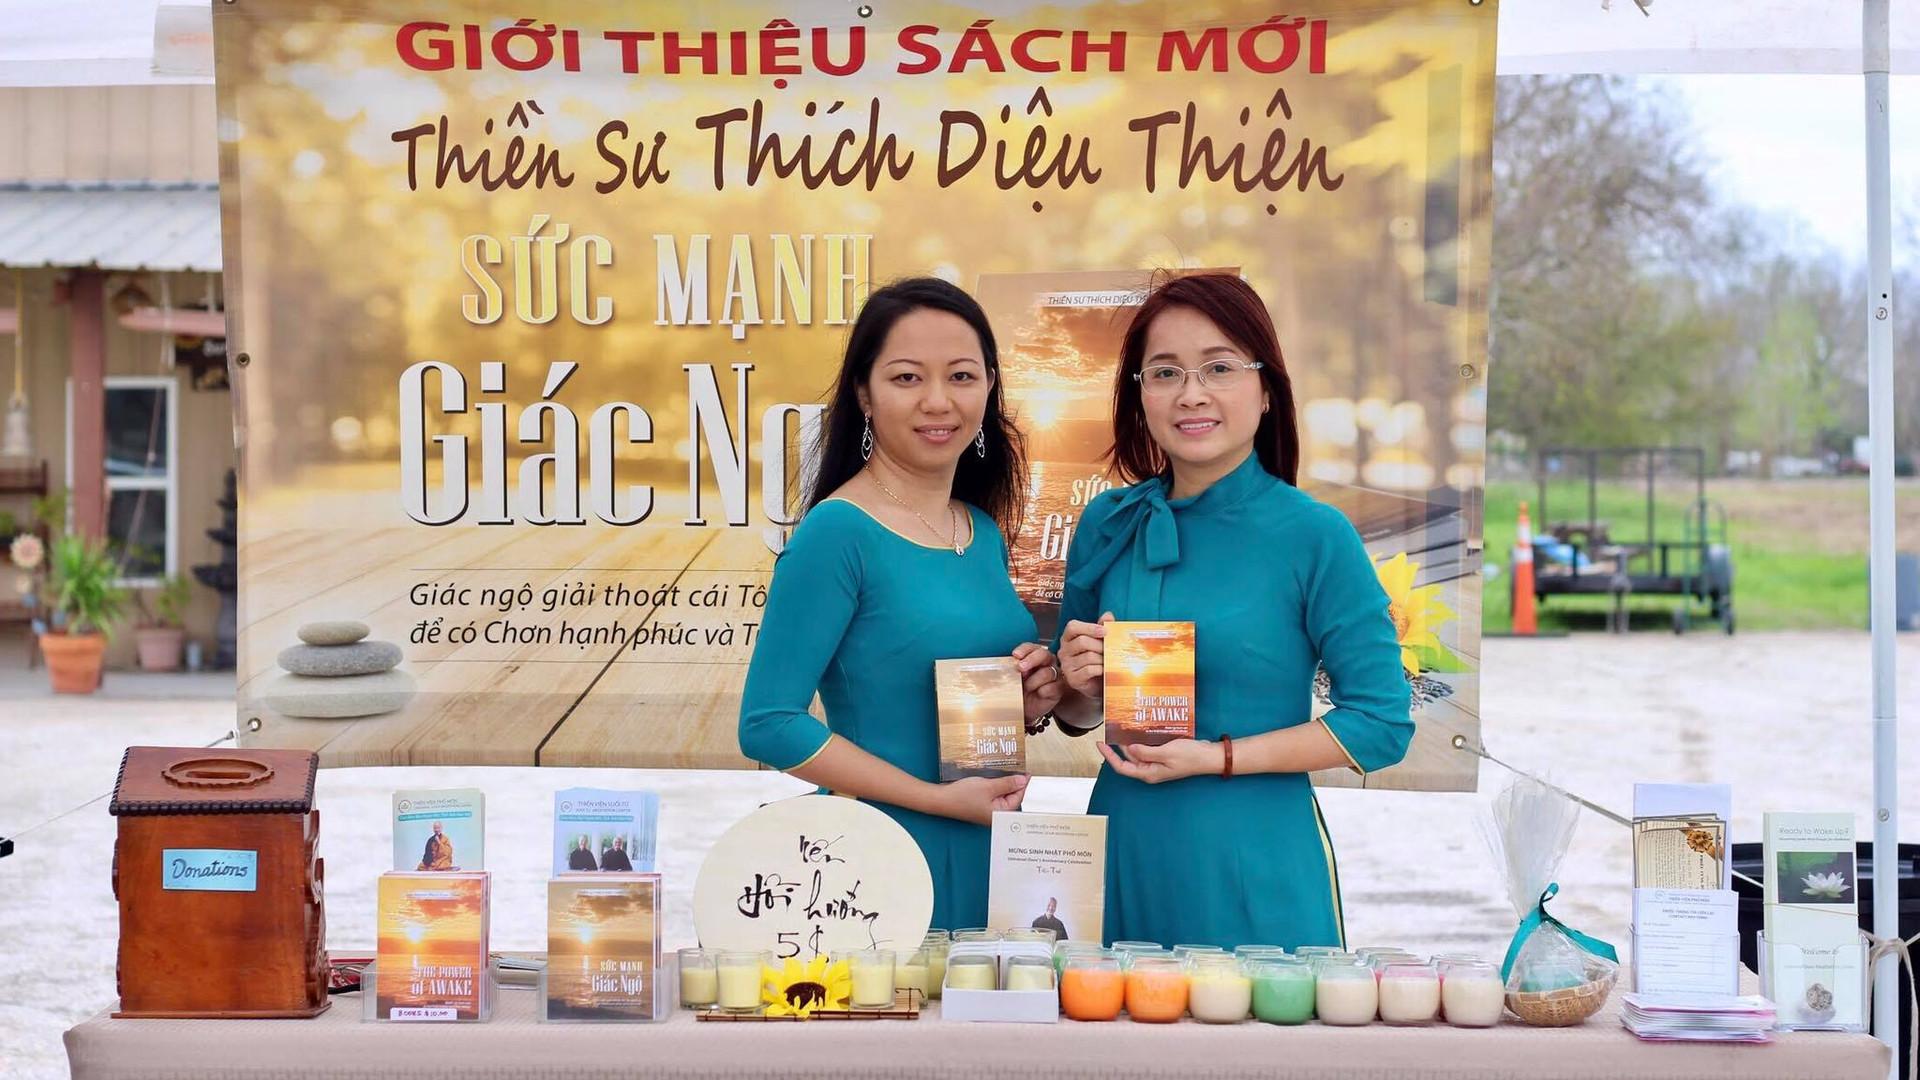 Le Thuong Nguyen 2018 21.jpg